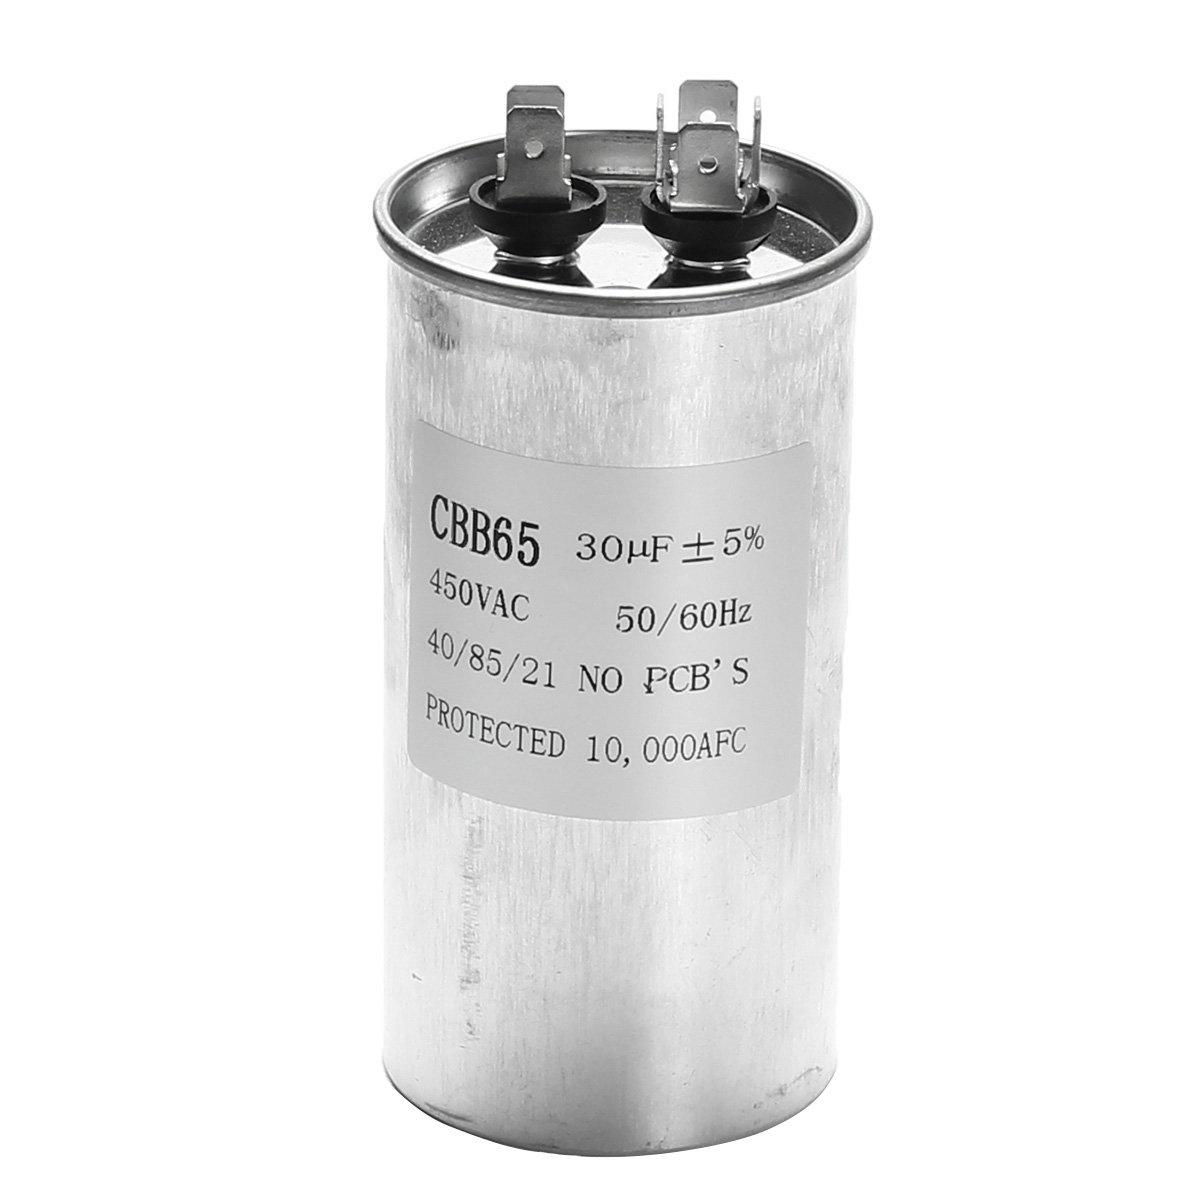 Bluelover 15-50Uf Motor Condensador Cbb65 450Vac Aire Acondicionado Compresor Start Capacitor-C: Amazon.es: Hogar